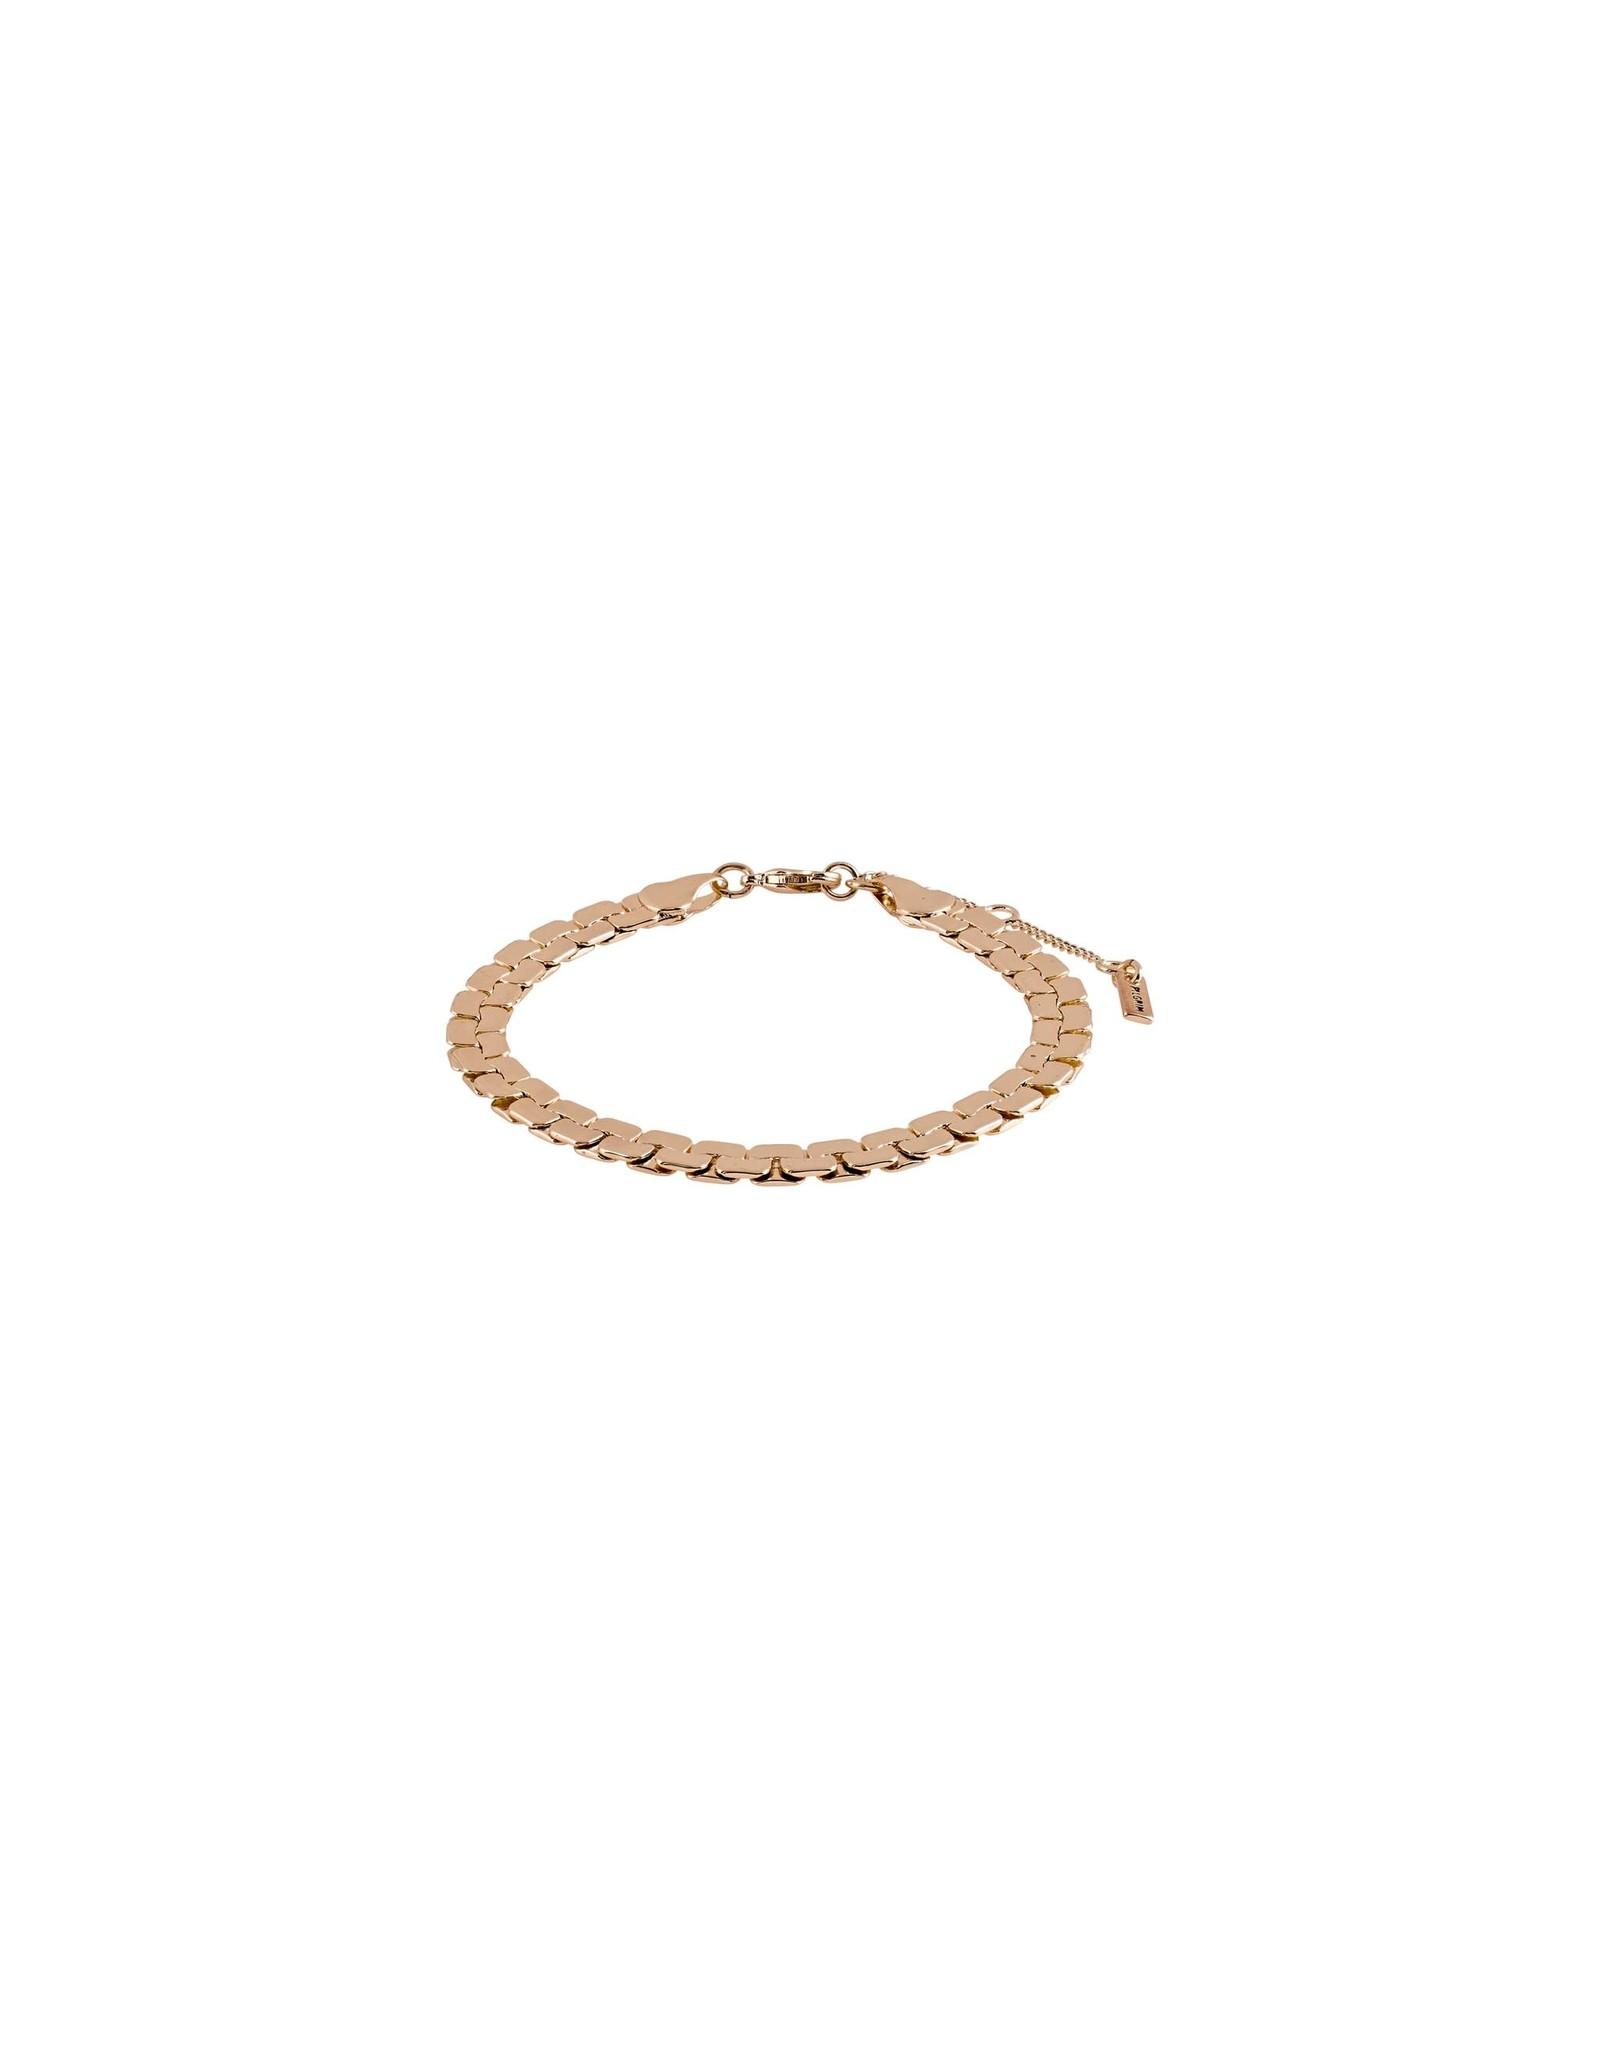 Pilgrim Pilgrim Beauty Bracelet Rose Gold Plated